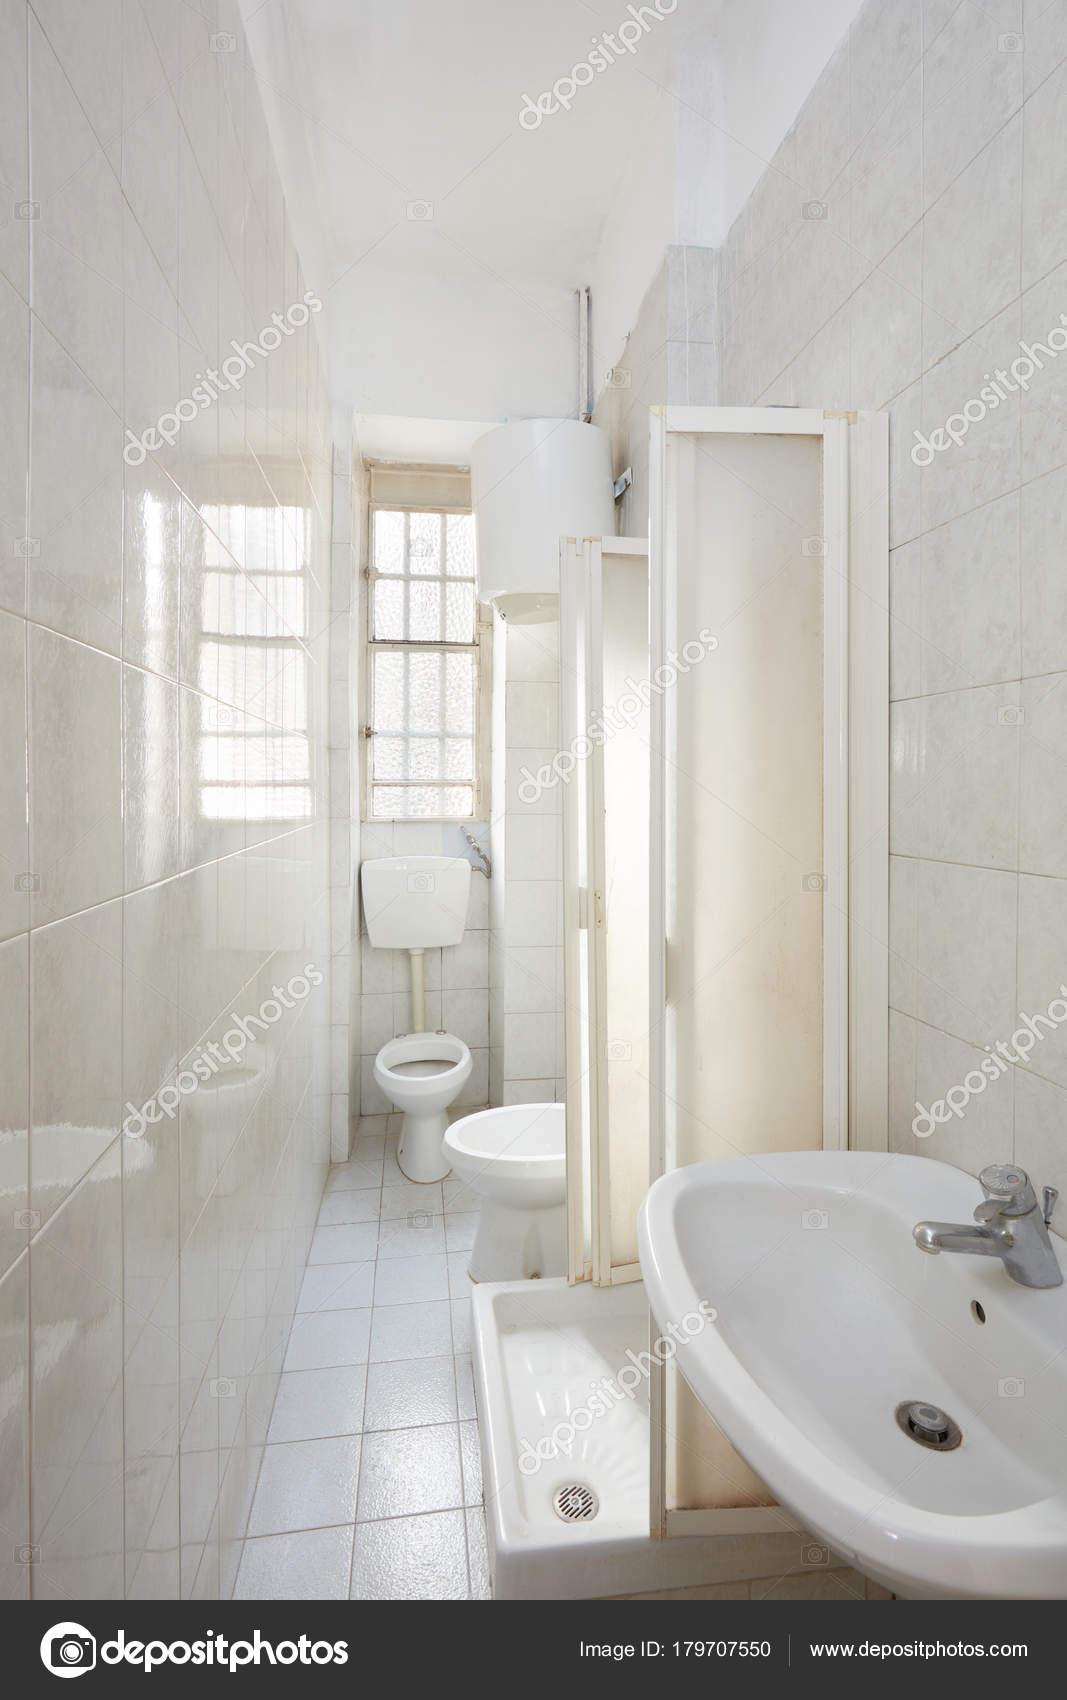 Oude Badkamer Interieur Met Tegelvloer Muren Europa — Stockfoto ...